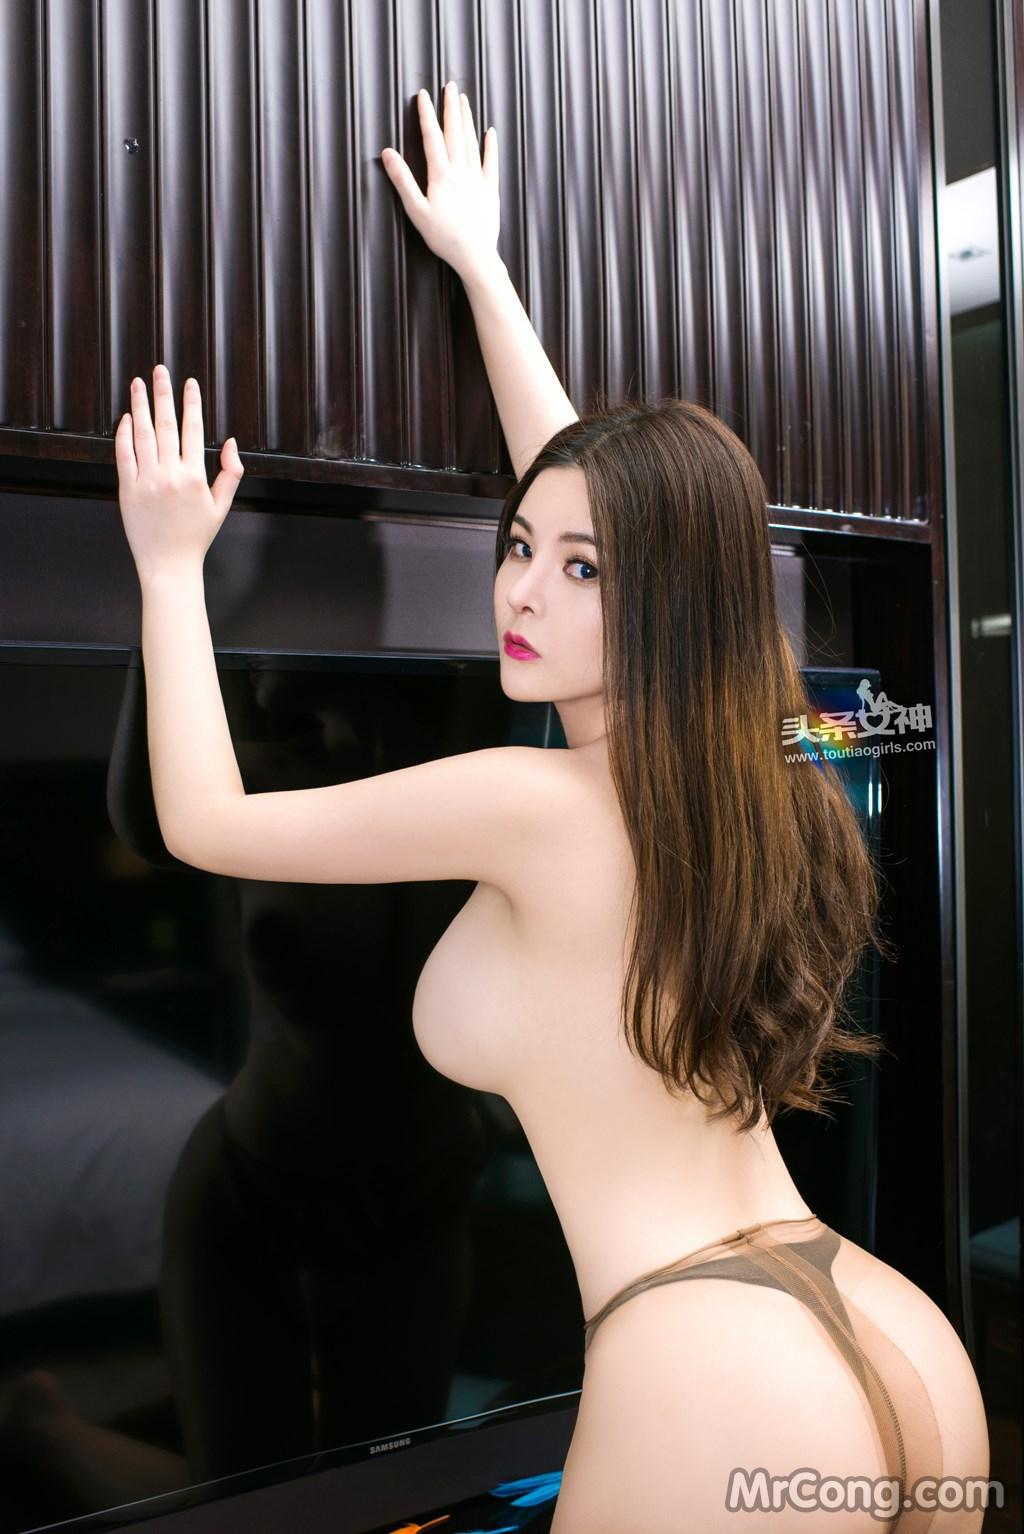 Image MrCong.com-TouTiao-2017-02-11-Tong-An-Qi-018 in post TouTiao 2017-02-11: Người mẫu Tong An Qi (童安琪) (27 ảnh)